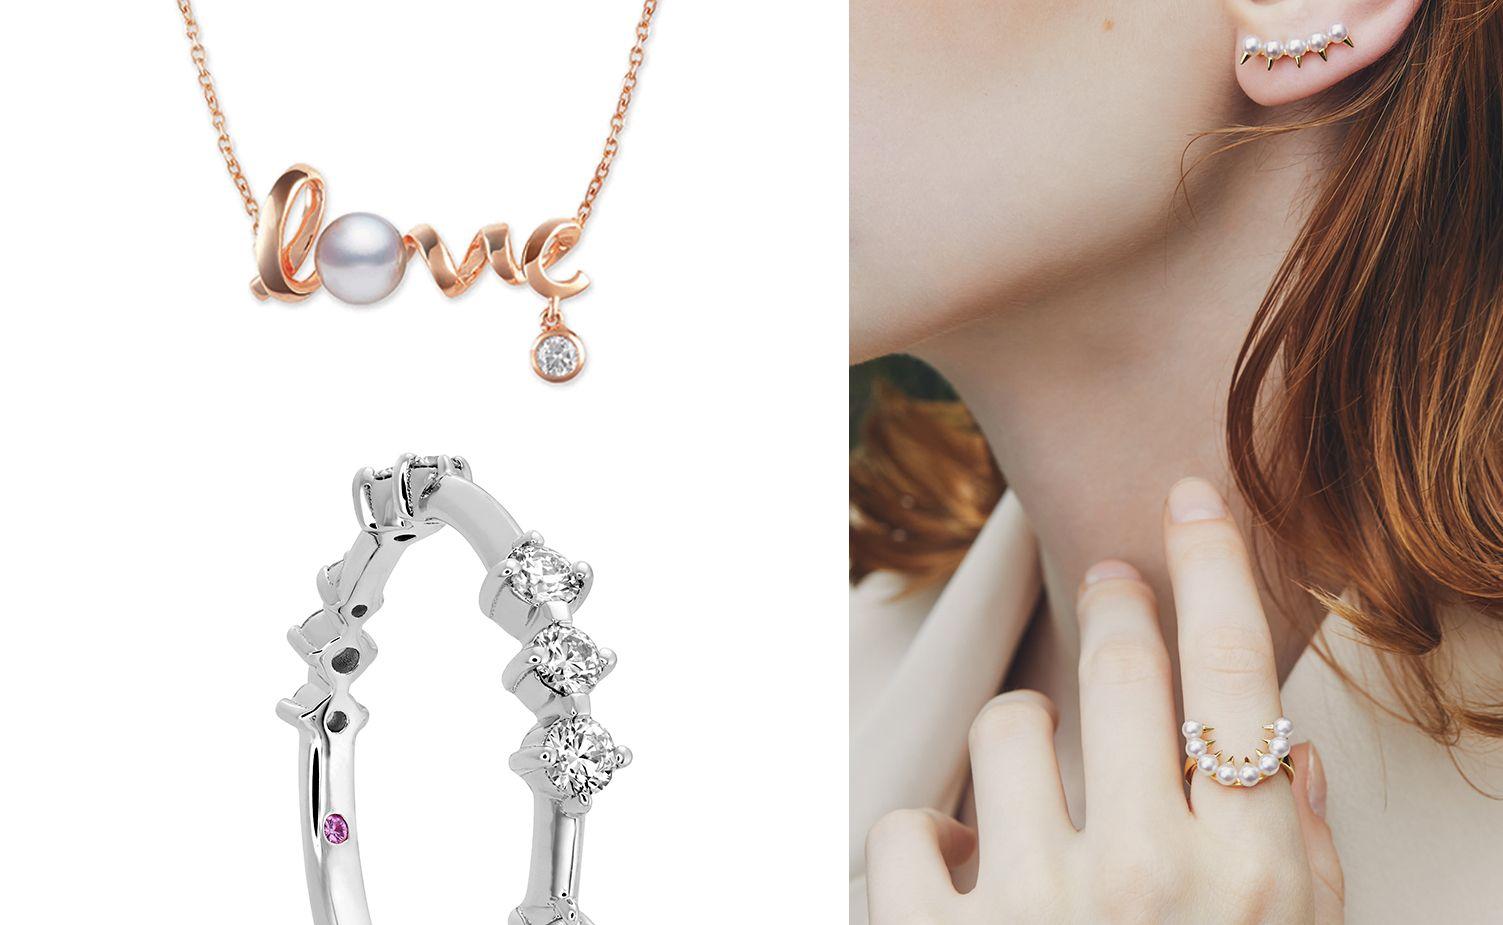 愛要大聲說!編輯精選8款特色珠寶,獻給每一位最獨一無二的母親